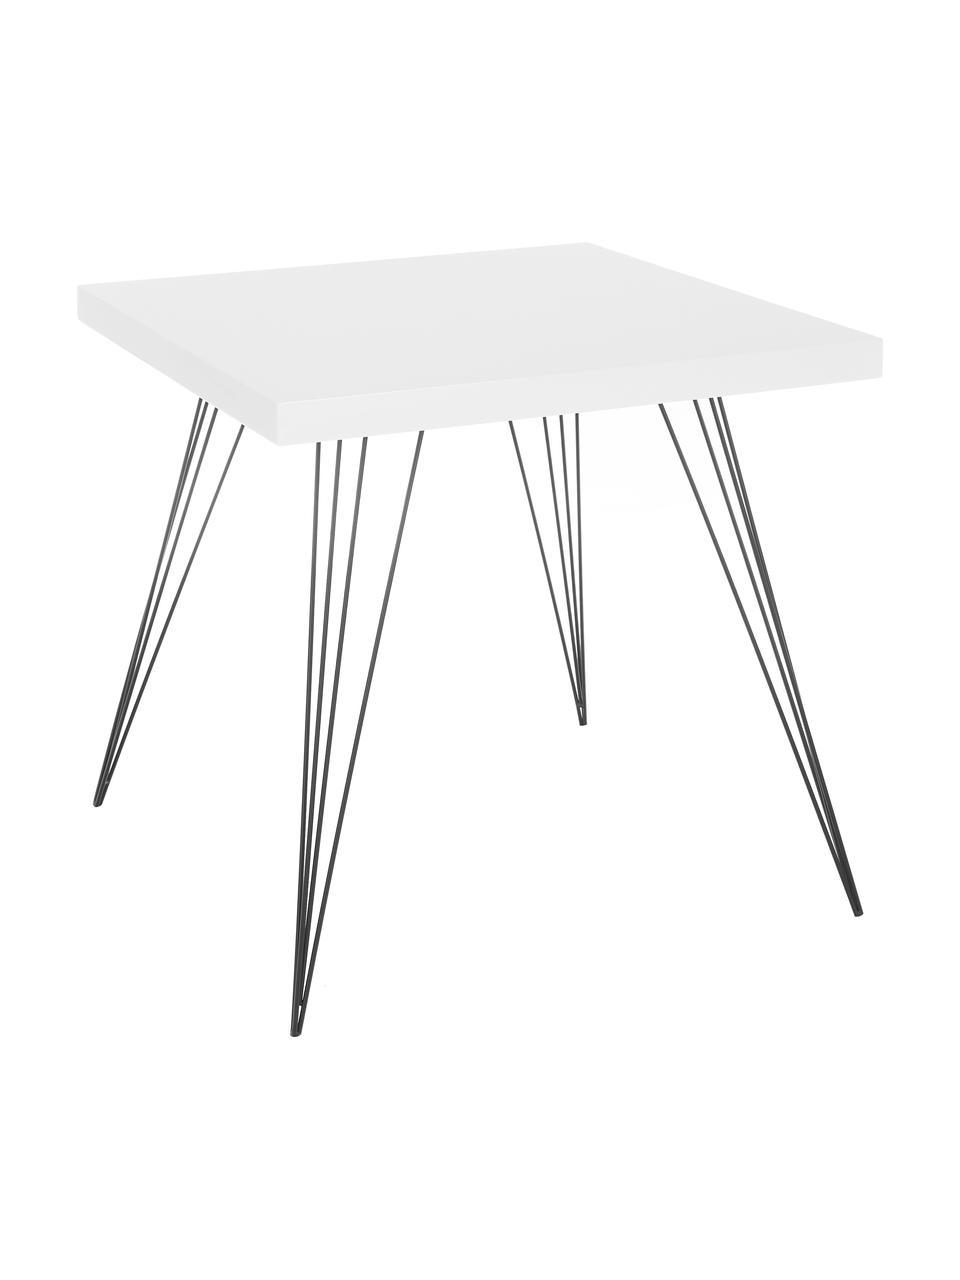 Tavolo piccolo con gambe in metallo Wolcott, Piedini: ferro verniciato, Bianco, Larg. 80 x Prof. 80 cm